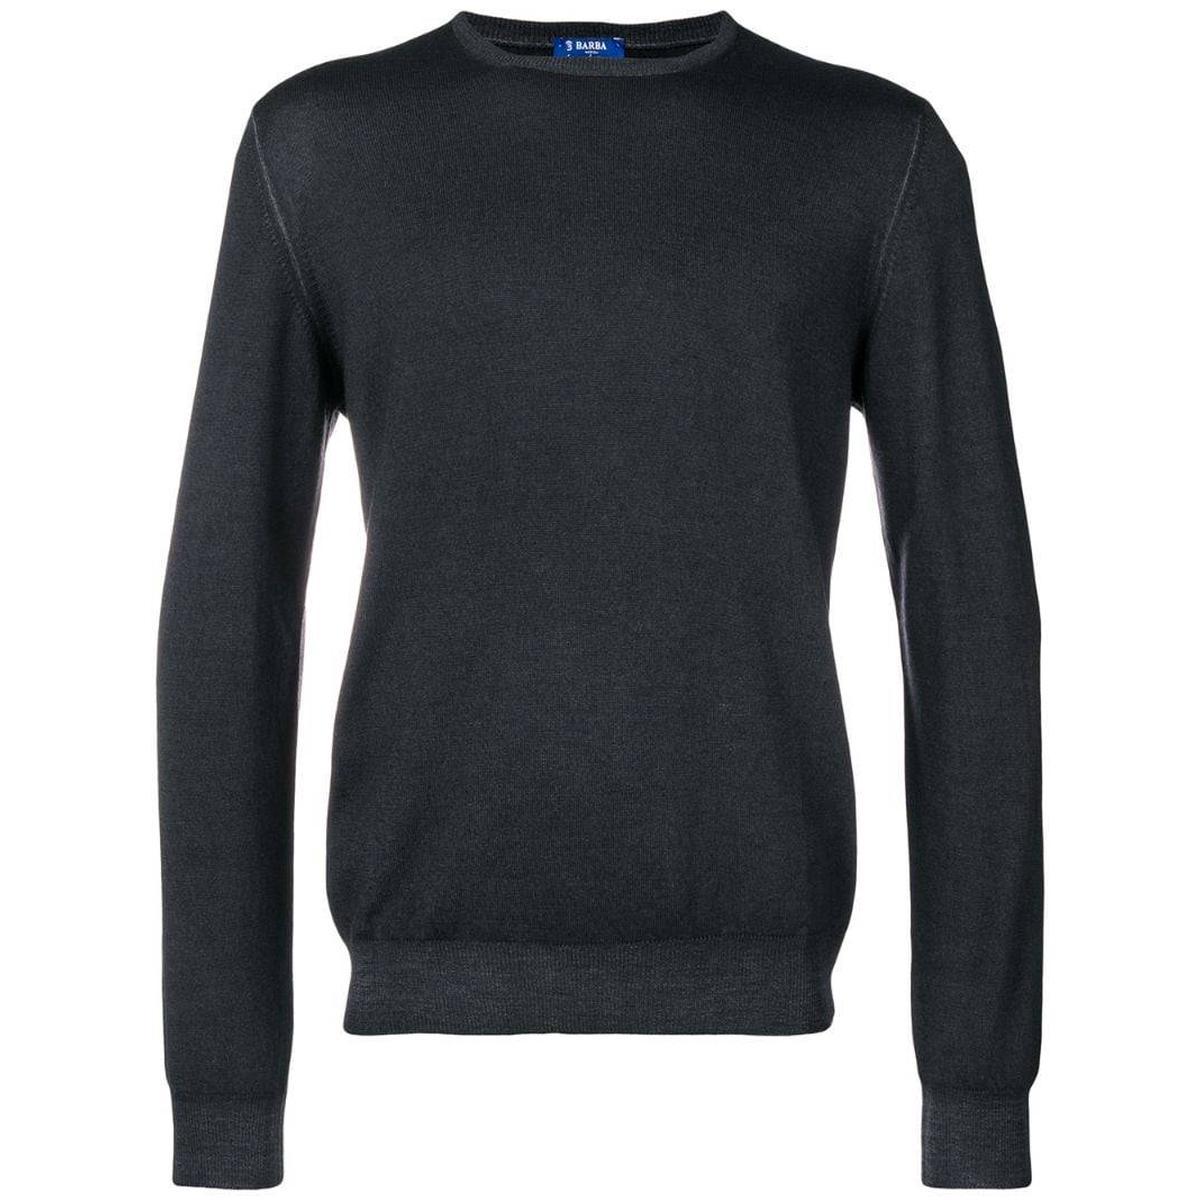 代购Barba Napoli 基本款毛衣2021新款奢侈品针织衫商务休闲复古